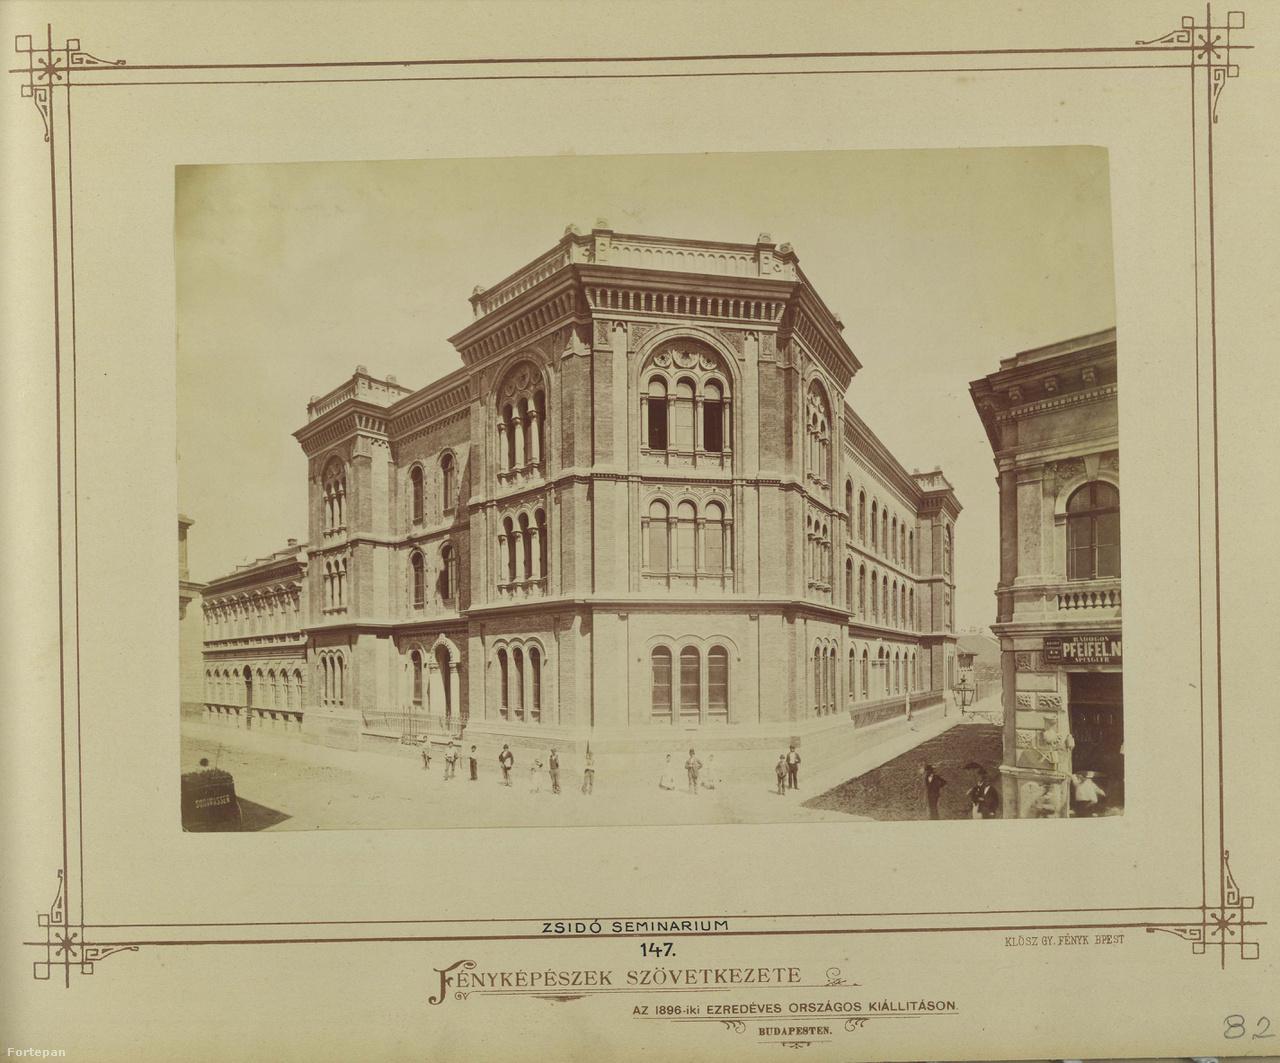 Az Országos Rabbiképző épülete a Gutenberg téren, 1890 körül. Szinte ez az egyetlen, amely nem változott az egykori  Főherceg Sándorról elnevezett téren: a többemeletes bérpaloták szorításában sokáig bírta még egy palánkkal körbevett földszintes házikó és toldozott-foldozott műhely. Aztán eltűnt ez a különös, hátrahagyott sziget, ahogy a Klösz-kép jobb oldali egyemeletes épülete is. Helyette a Magyarországi Könyvnyomdászok és Betűöntők Segélyező Egyesületének megbízásából Vágó József és Vágó László tervei szerint felépült a Gutenberg-otthon. A szecessziós épületbe, Lechner Ödön építész és Mándy Iván író egykori otthonába bárki besétálhat a hétvégén. A téren lesz történetírás mesekockákkal, aszfaltrajzok, lábbal rajzolt burkolatok, cementlap-nyomda és kaleidoszkóp-kukucskálás  Kauker Szilvivel és könyvecskekészítő foglalkozás.